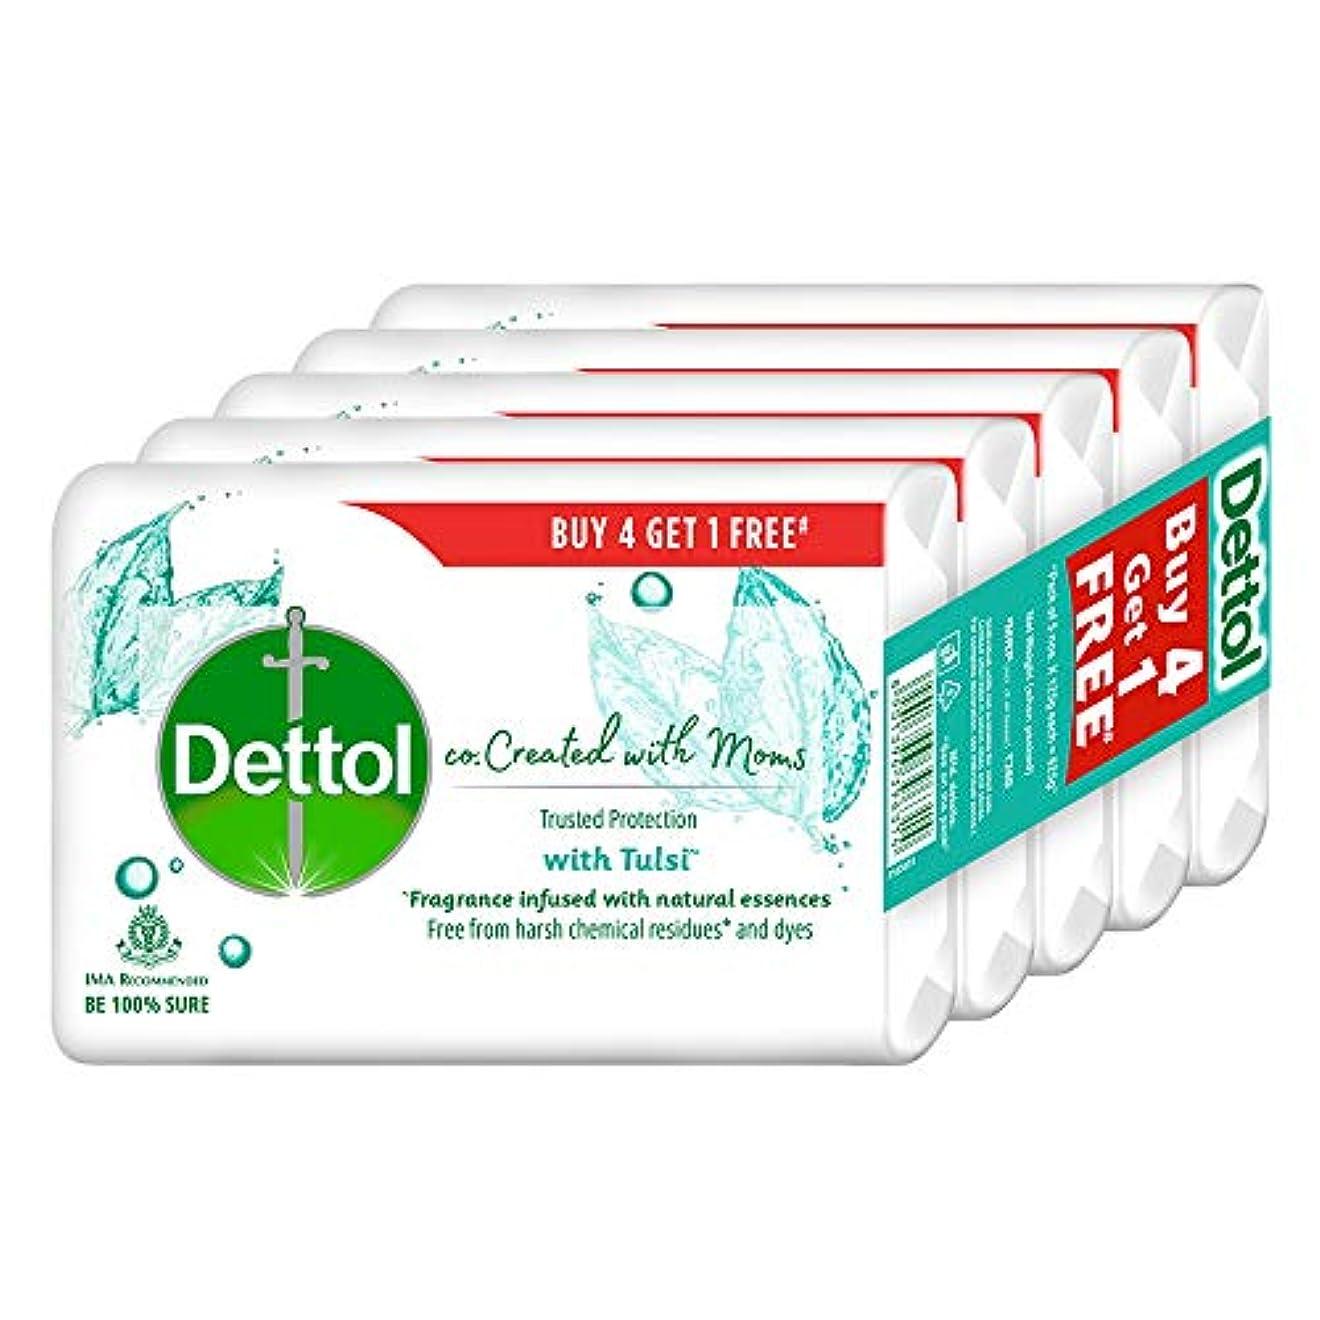 統治可能レザー物思いにふけるDettol Co-created with moms Tulsi Bathing Soap, 125gm (Buy 4 Get 1 Free)